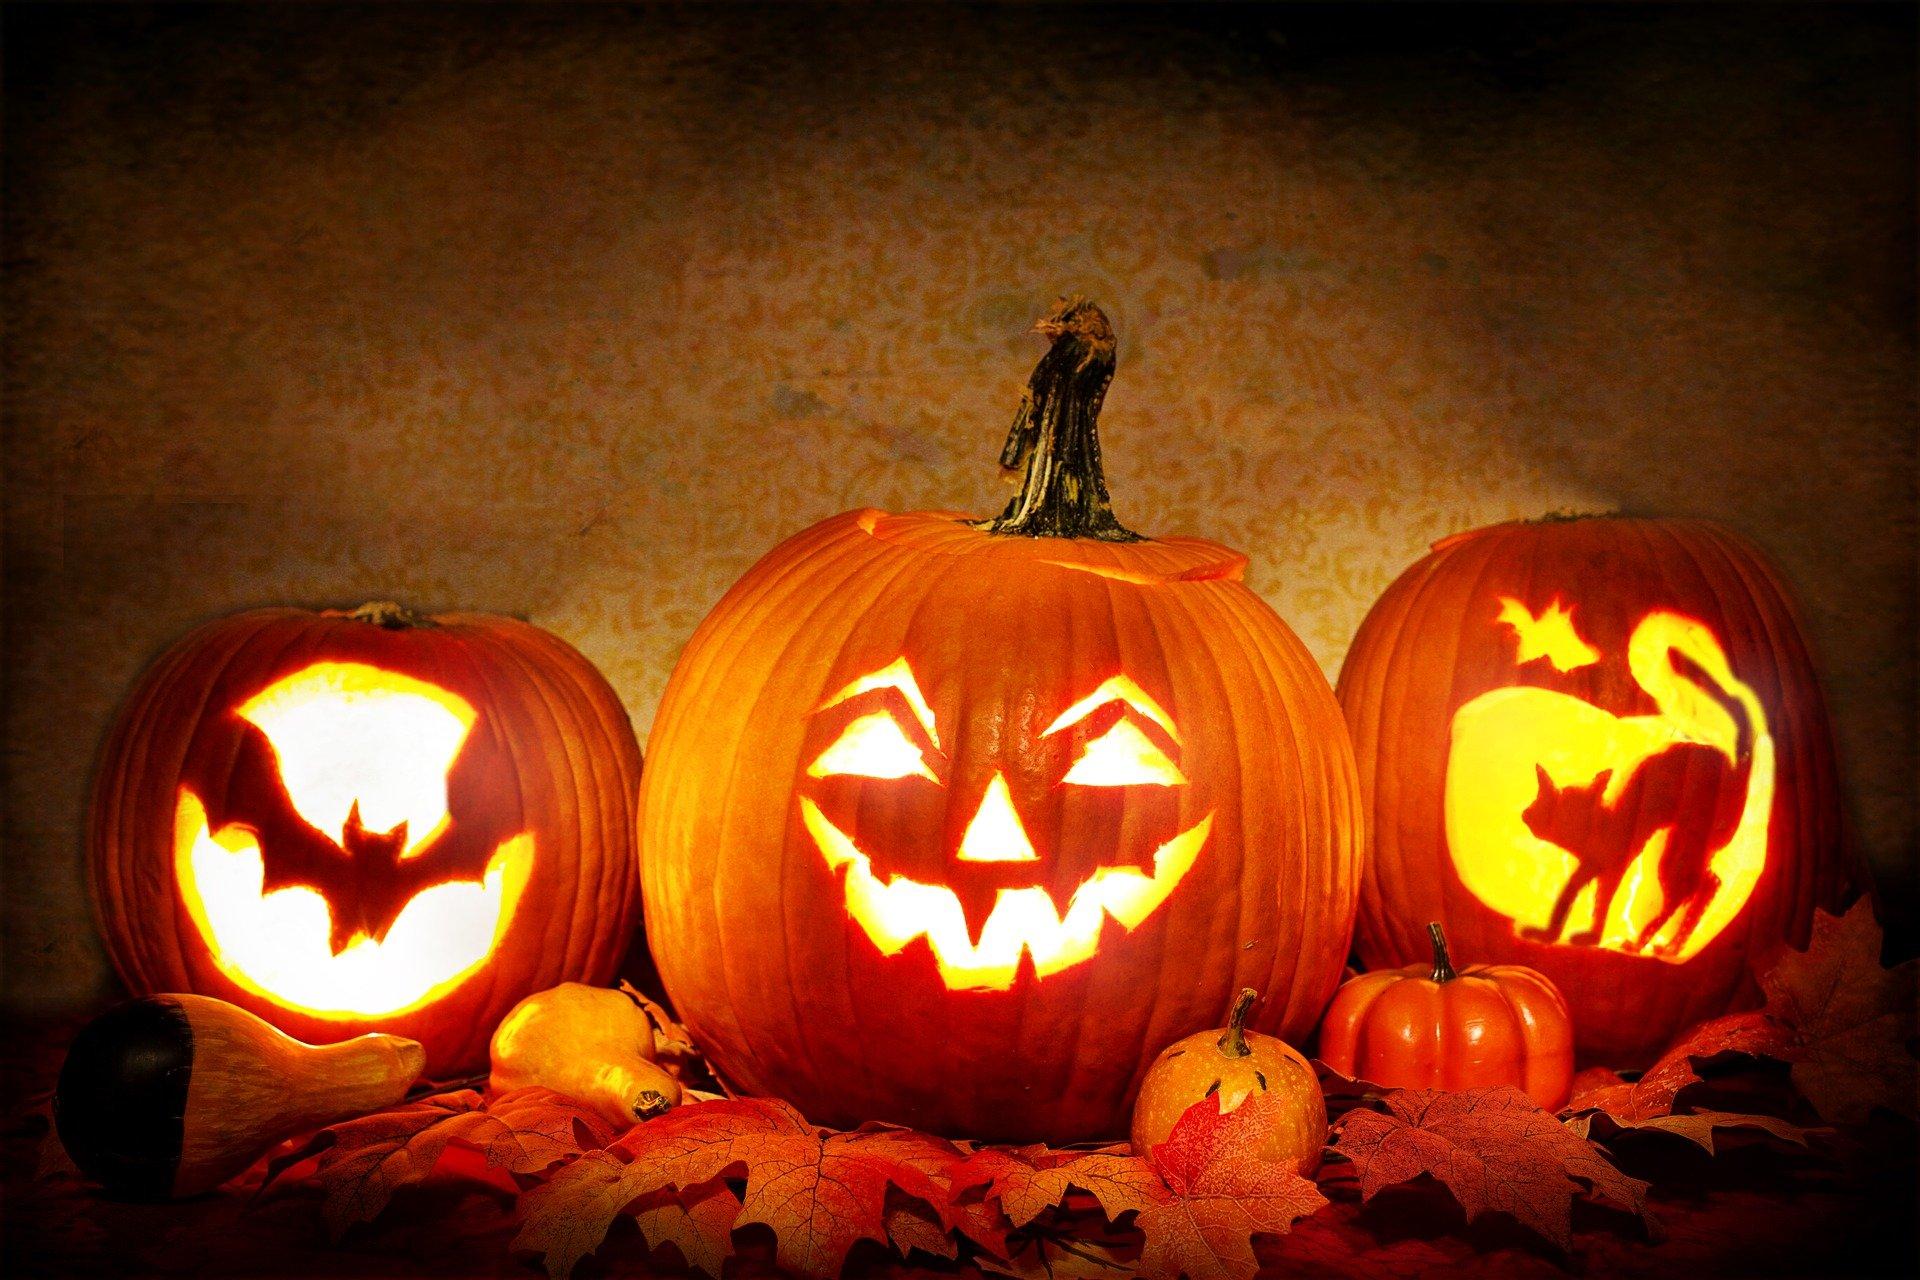 Créer des décors d'Halloween avec de fruits et des légumes